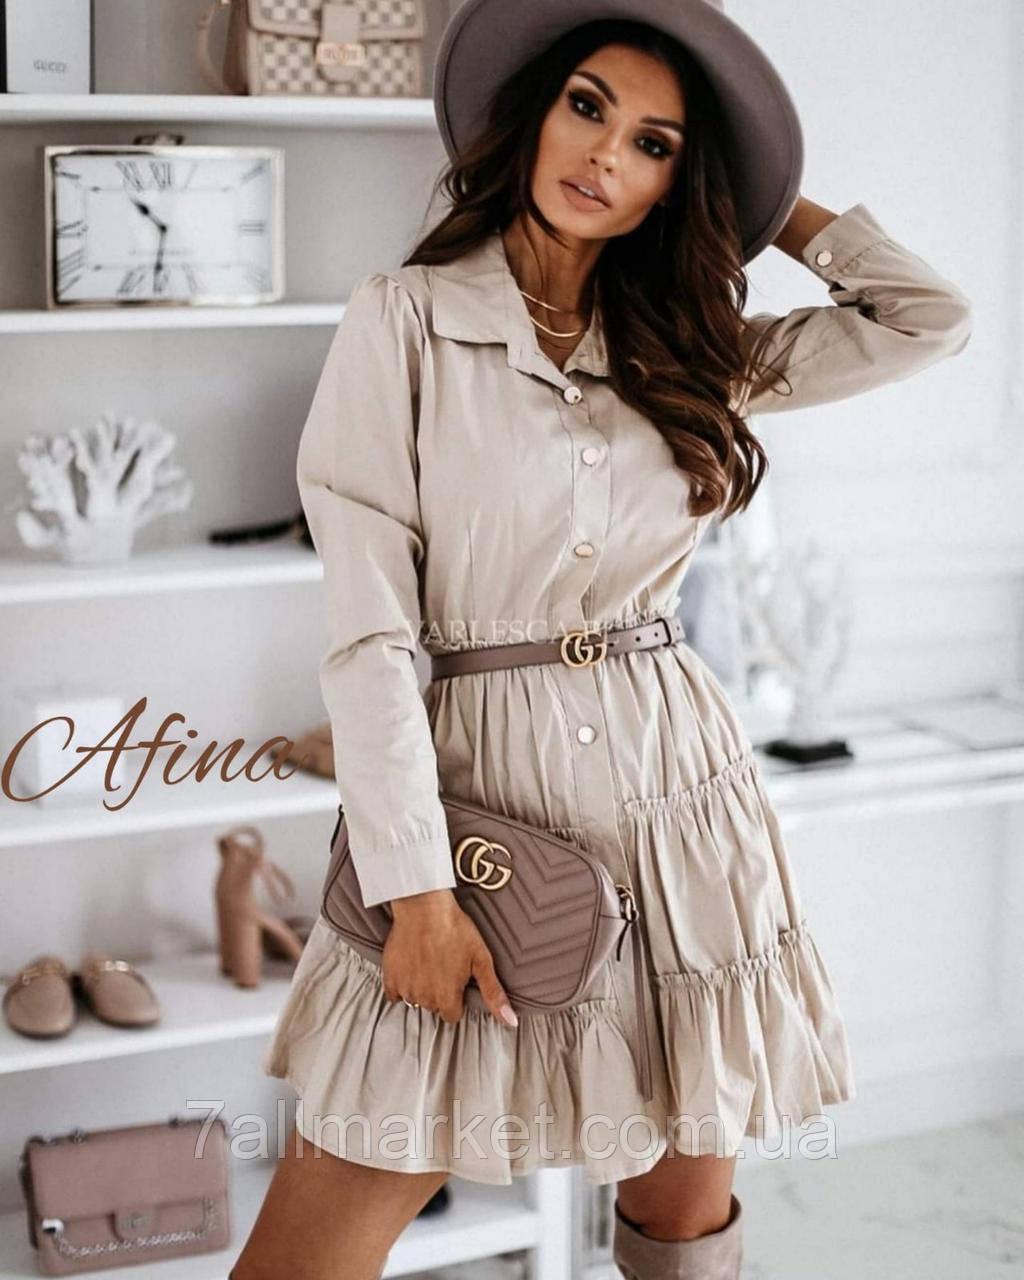 """Платье-рубашка женское полубатальное, размеры 48-54 (3цв) """"AFINA"""" недорого от прямого поставщика"""